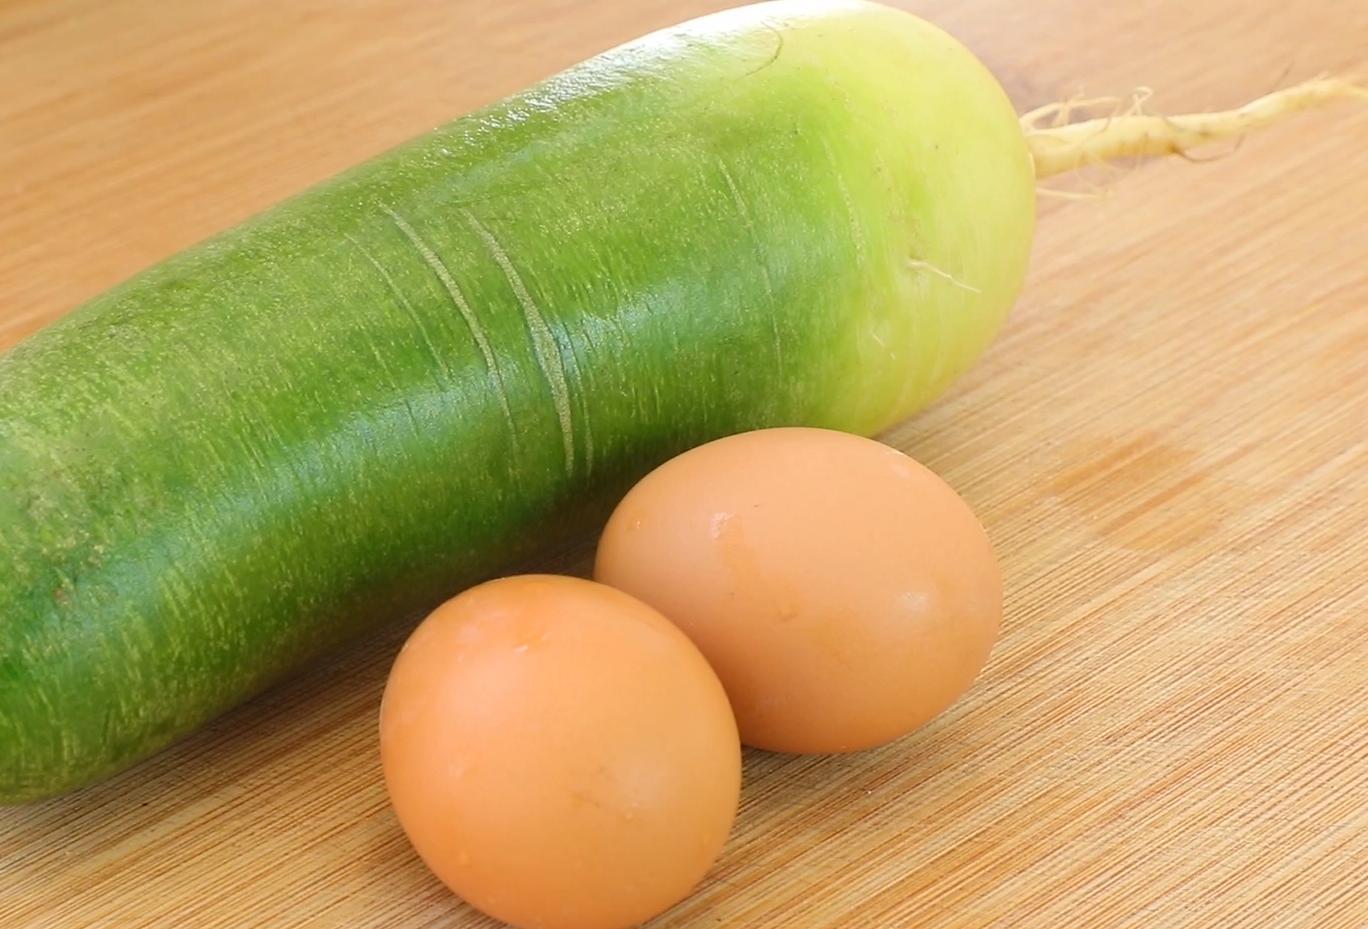 一個蘿蔔,兩個雞蛋,這樣做超好吃,皮薄大餡,香酥多汁比包子香